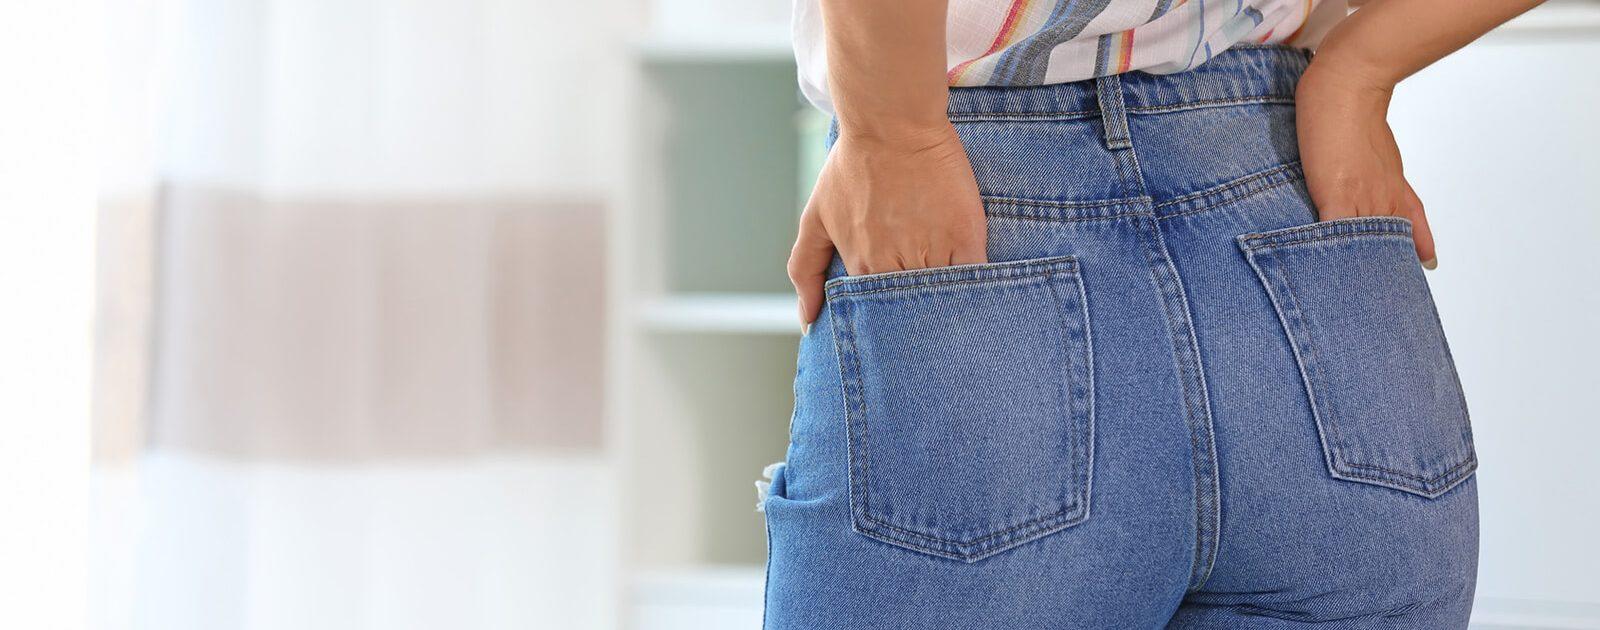 Rückansicht von Frauenpo mit Analfibrom